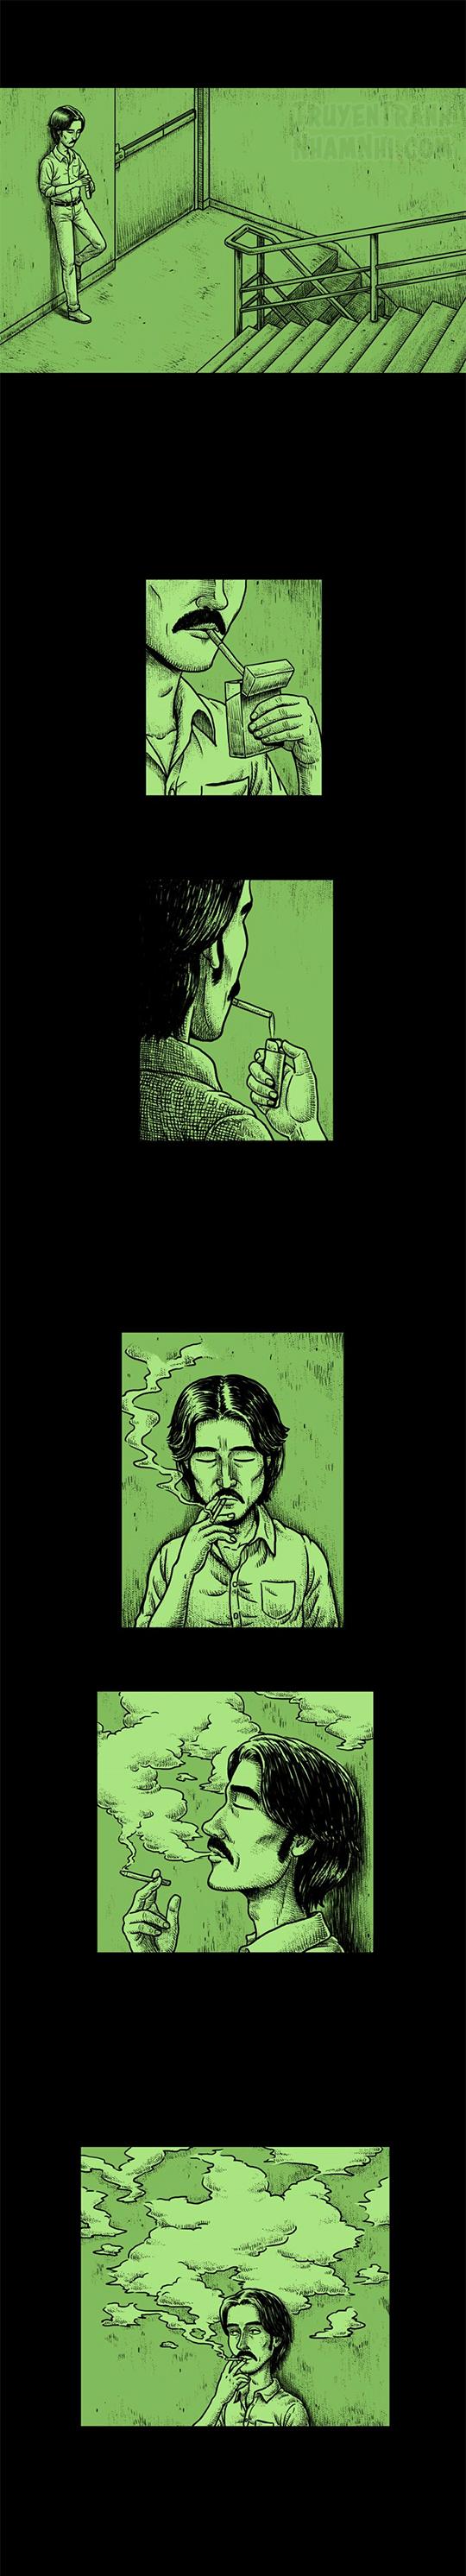 Hắc Ám Truyện #77: Hút thuốc